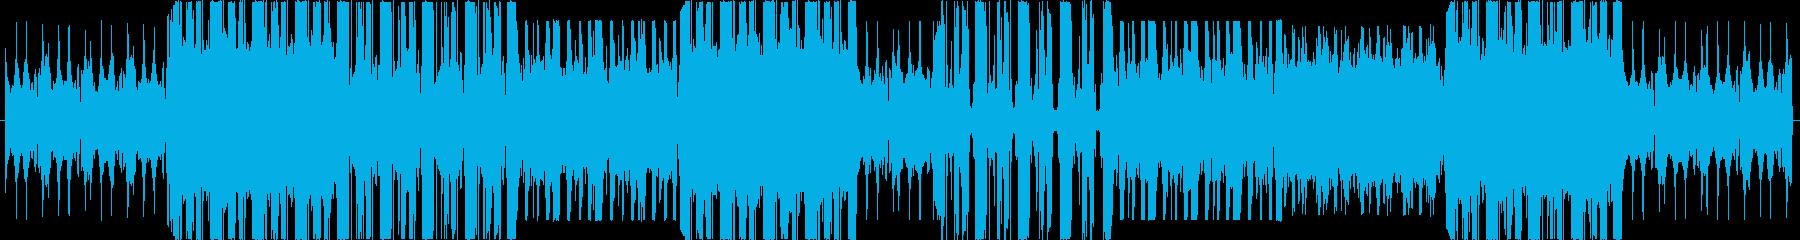 幻想的で切ない Trap HIPHOPの再生済みの波形